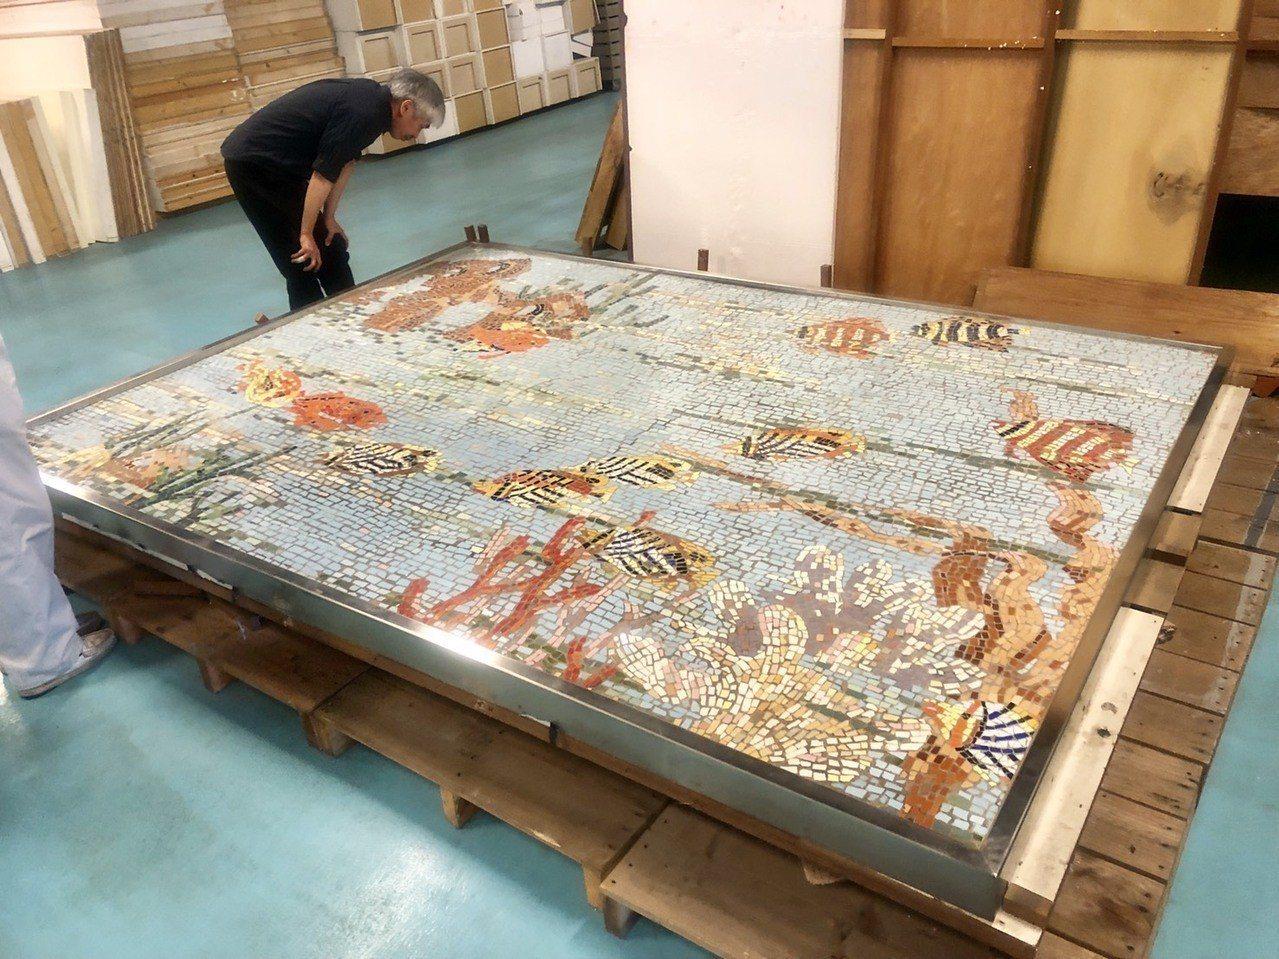 台灣工藝之父顏水龍的馬賽克作品「熱帶魚」,因為整修曾經被敲成4大塊,後來請顏的學...